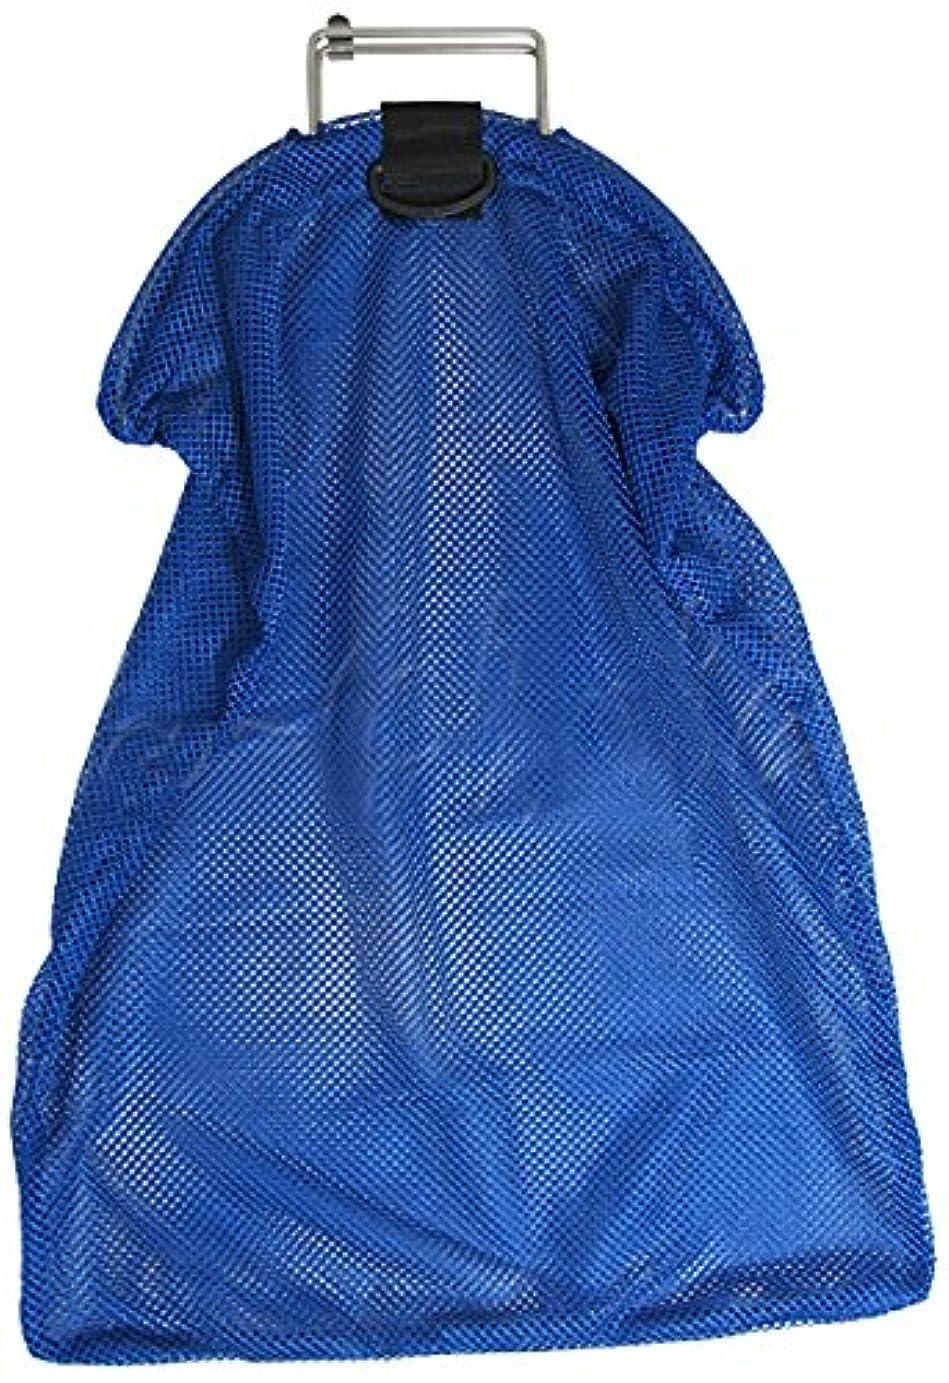 についてお金ラビリンススピアフィッシング 5mmのステンレススチール製ワイヤーハンドル バッグ ネット ブルー メッシュ